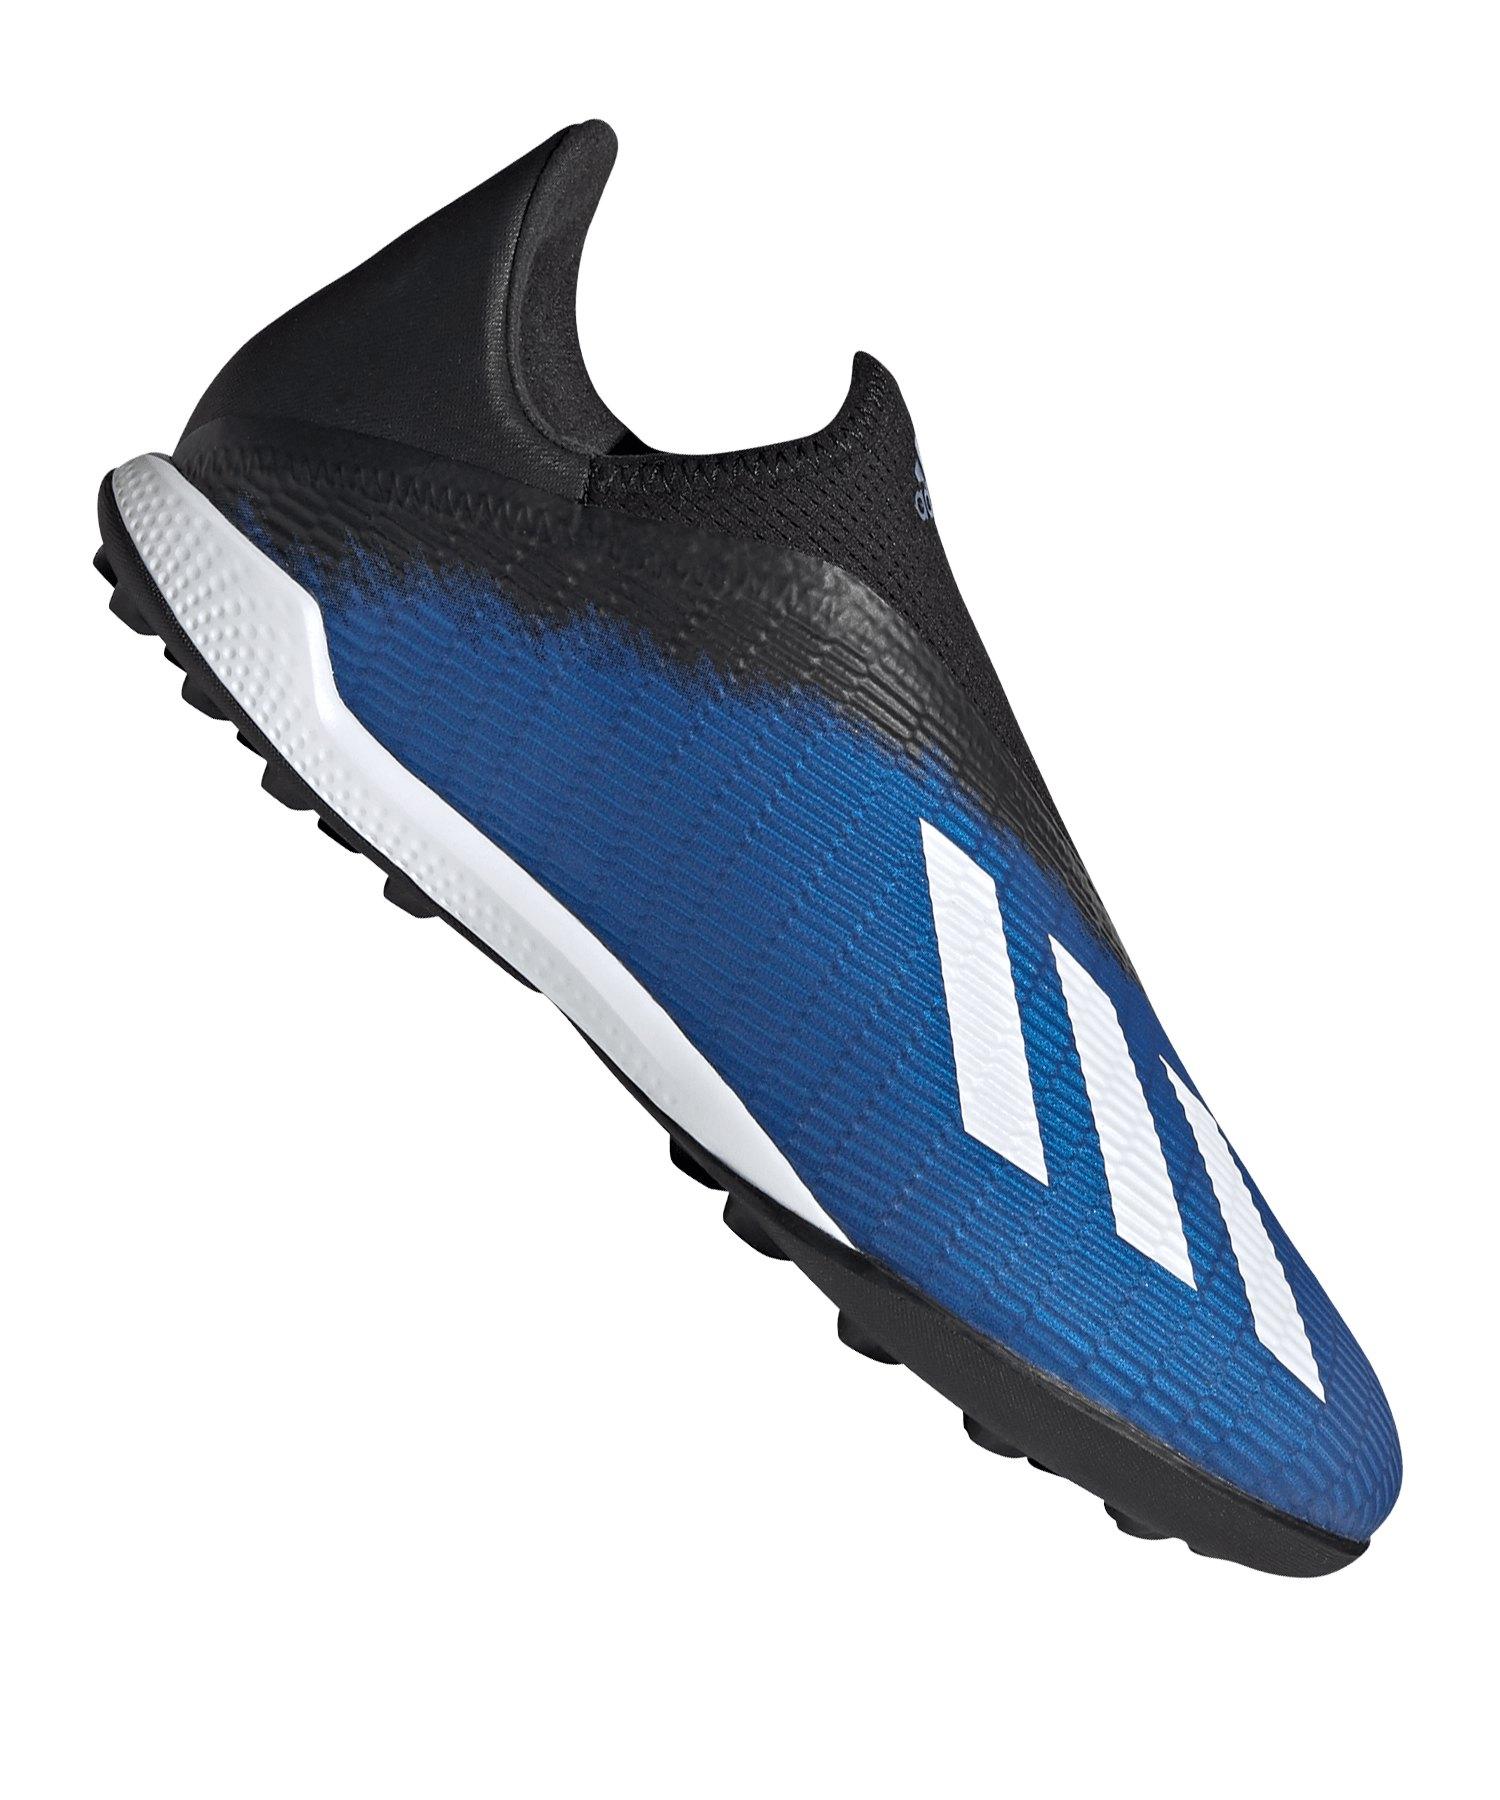 adidas X 19.3 LL TF Blau Weiss Schwarz - blau